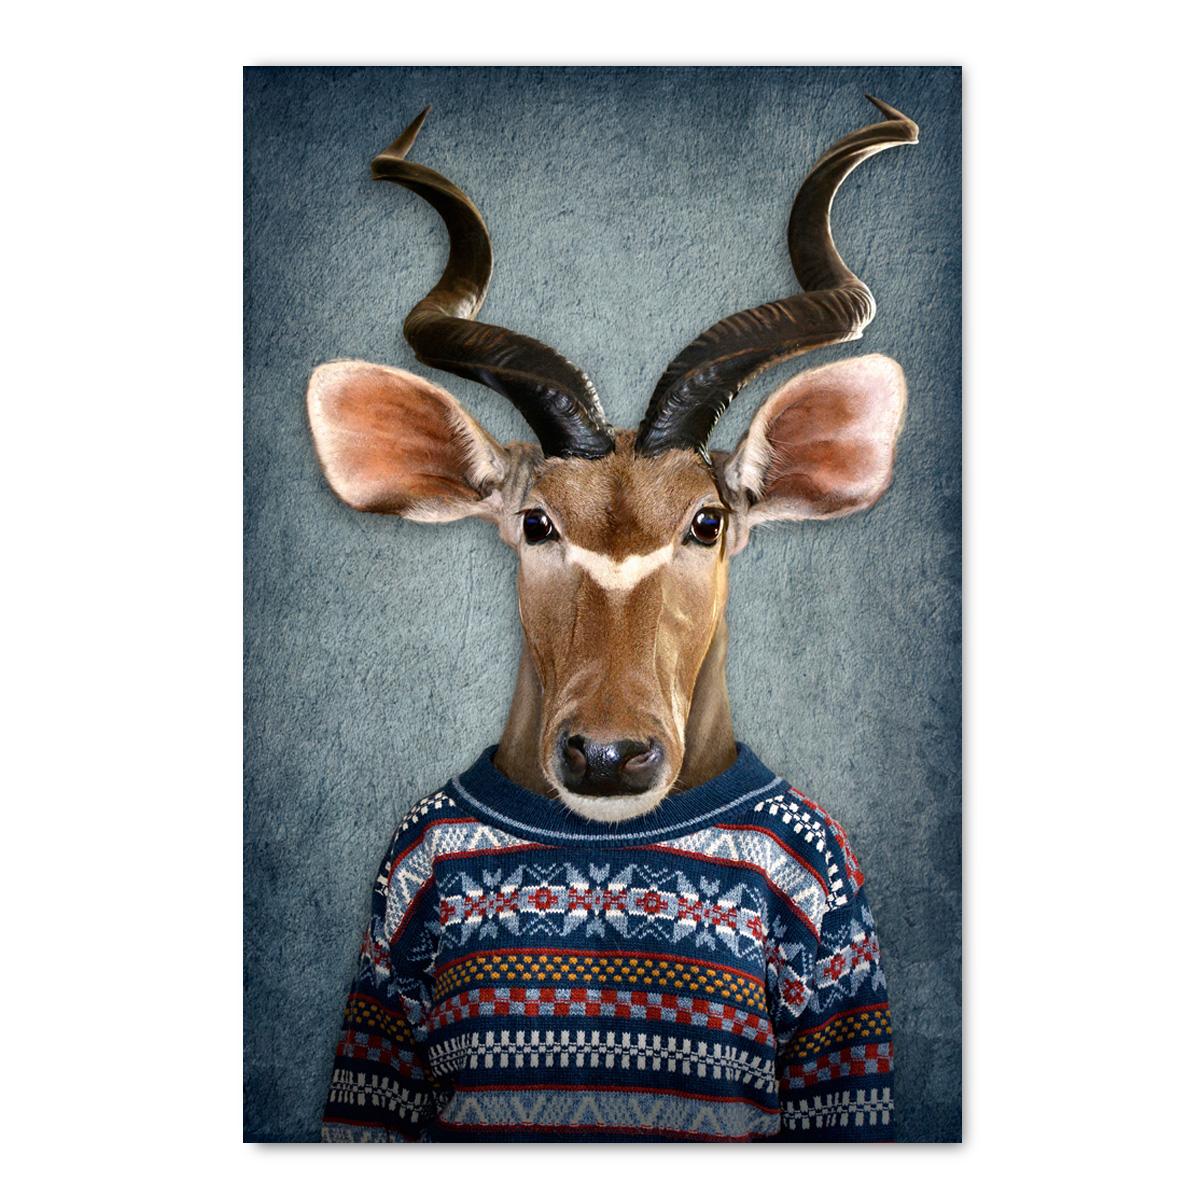 ImageLand Glasbild Digitaldruck Antilope mit Pullover, 120 x 80 cm 853064